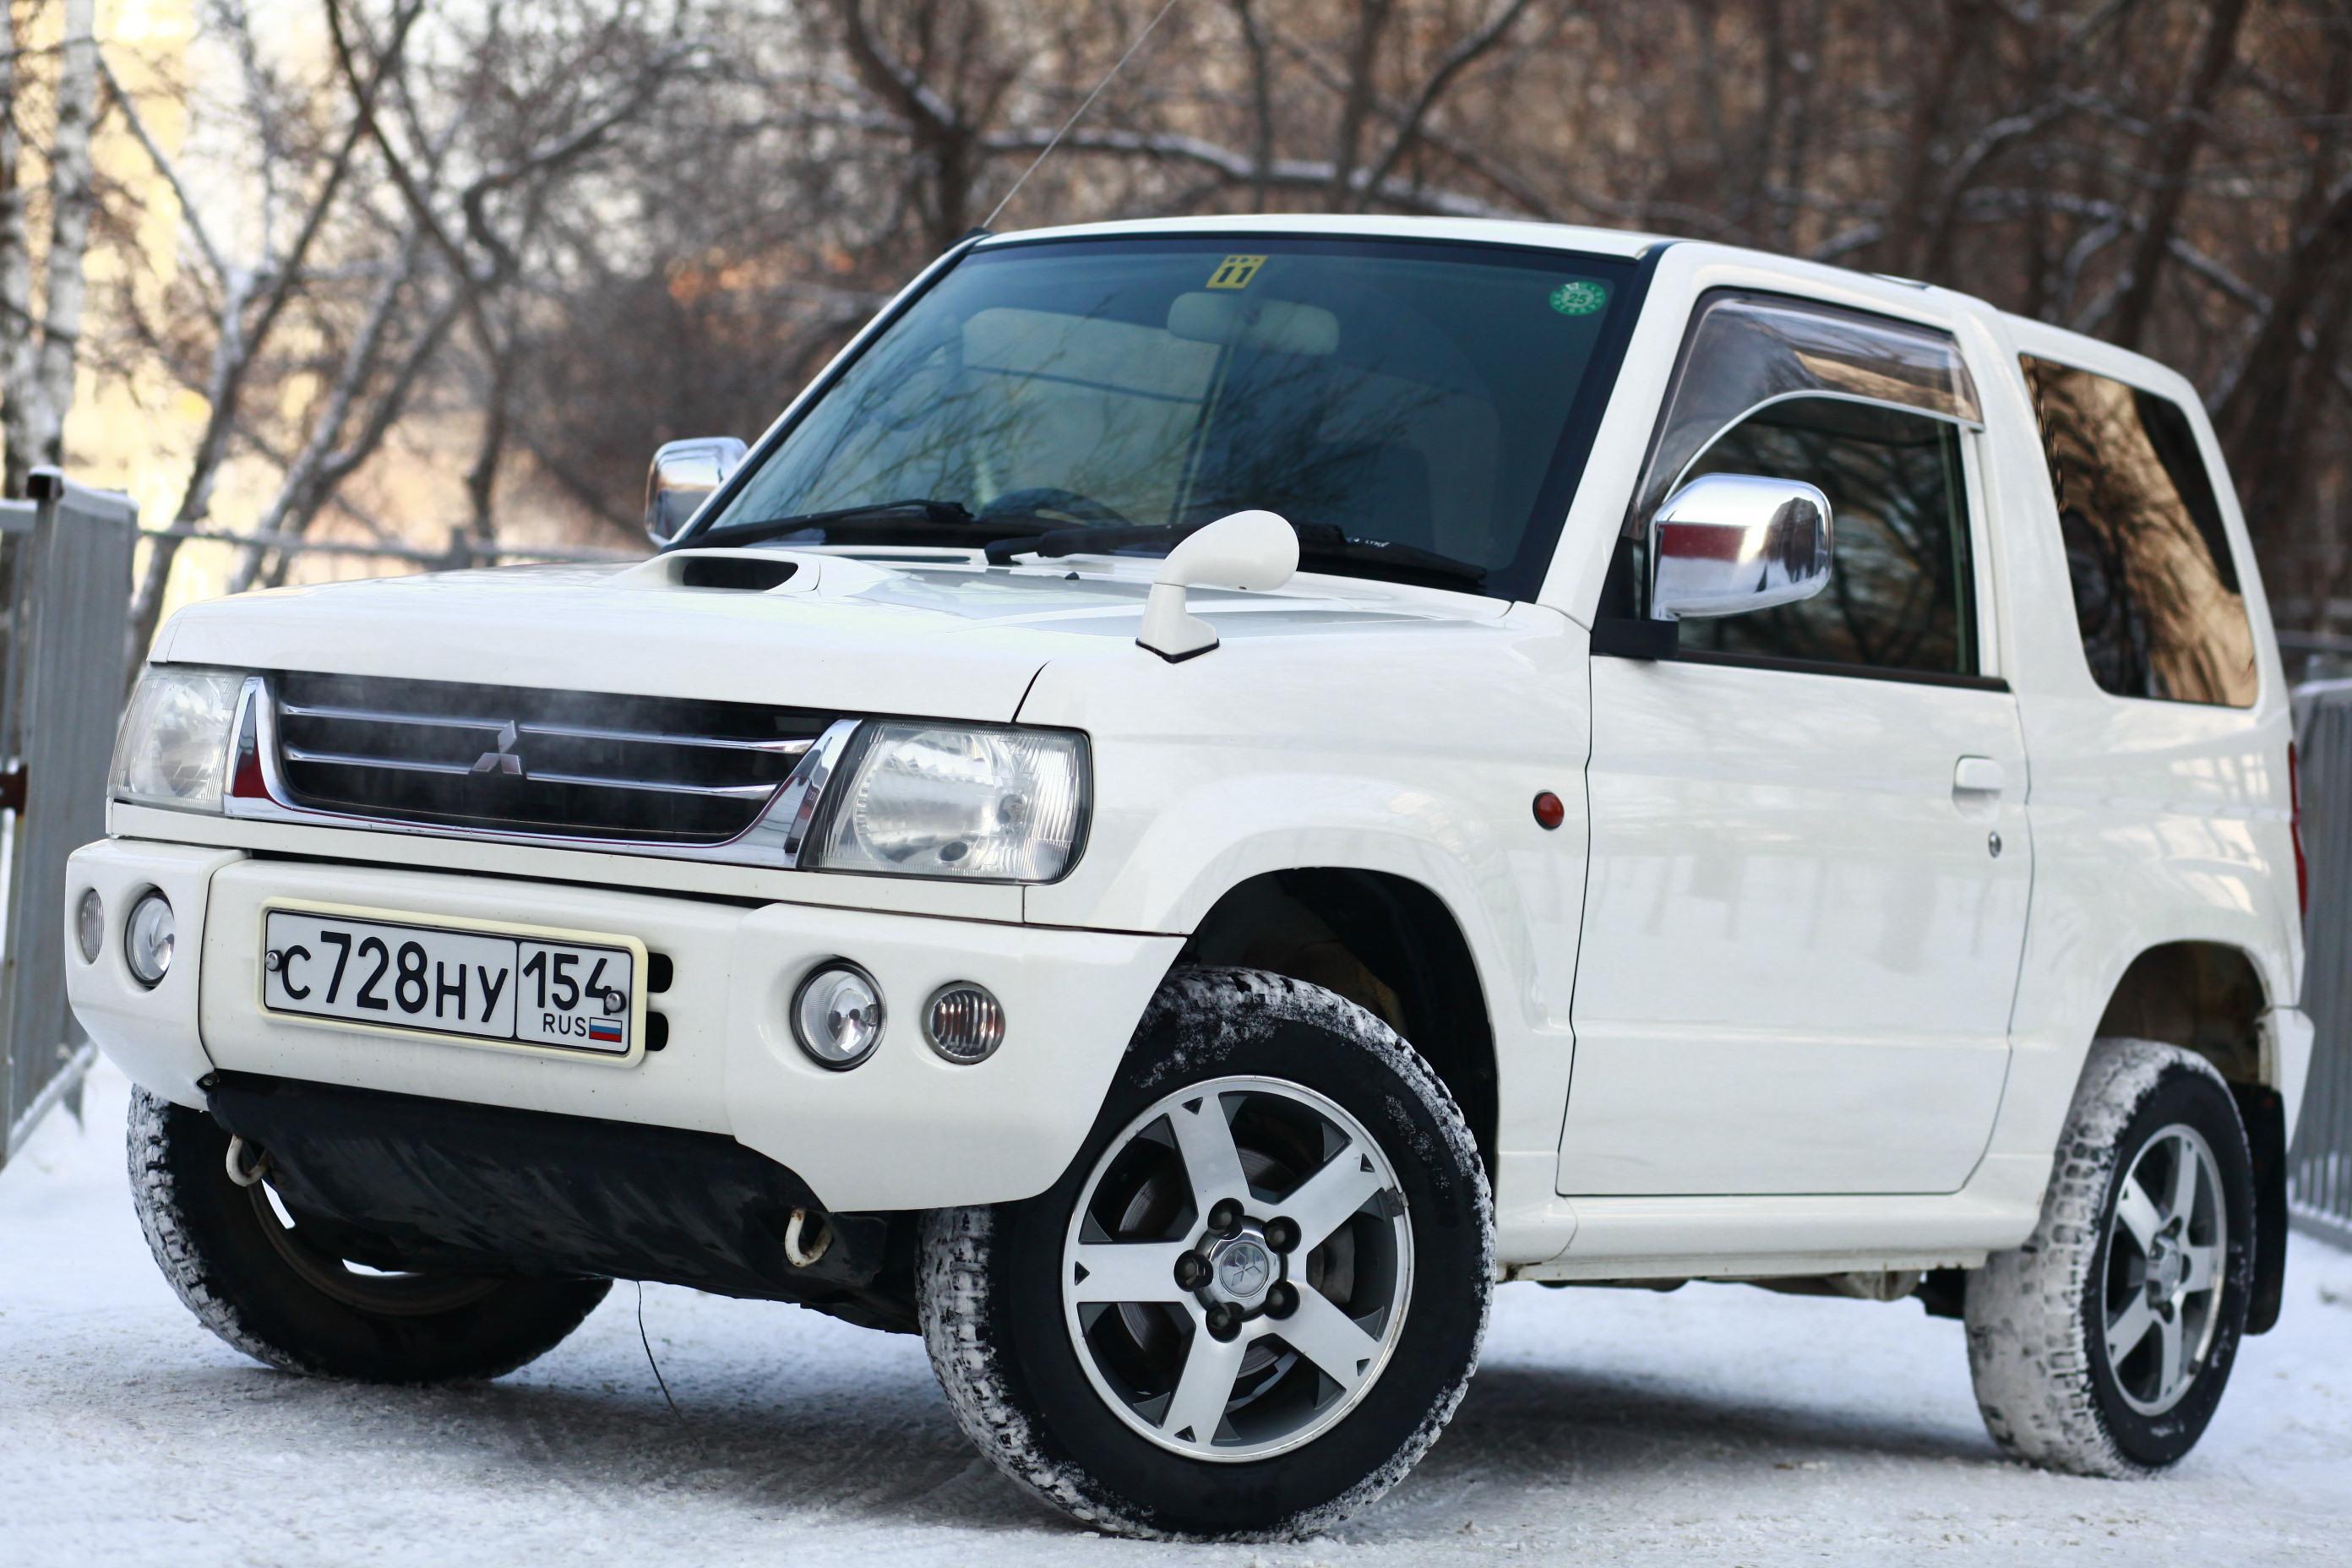 Митцубиши Pajero Мини возглавил ТОП-5 полноприводных SUV сослабыми моторами